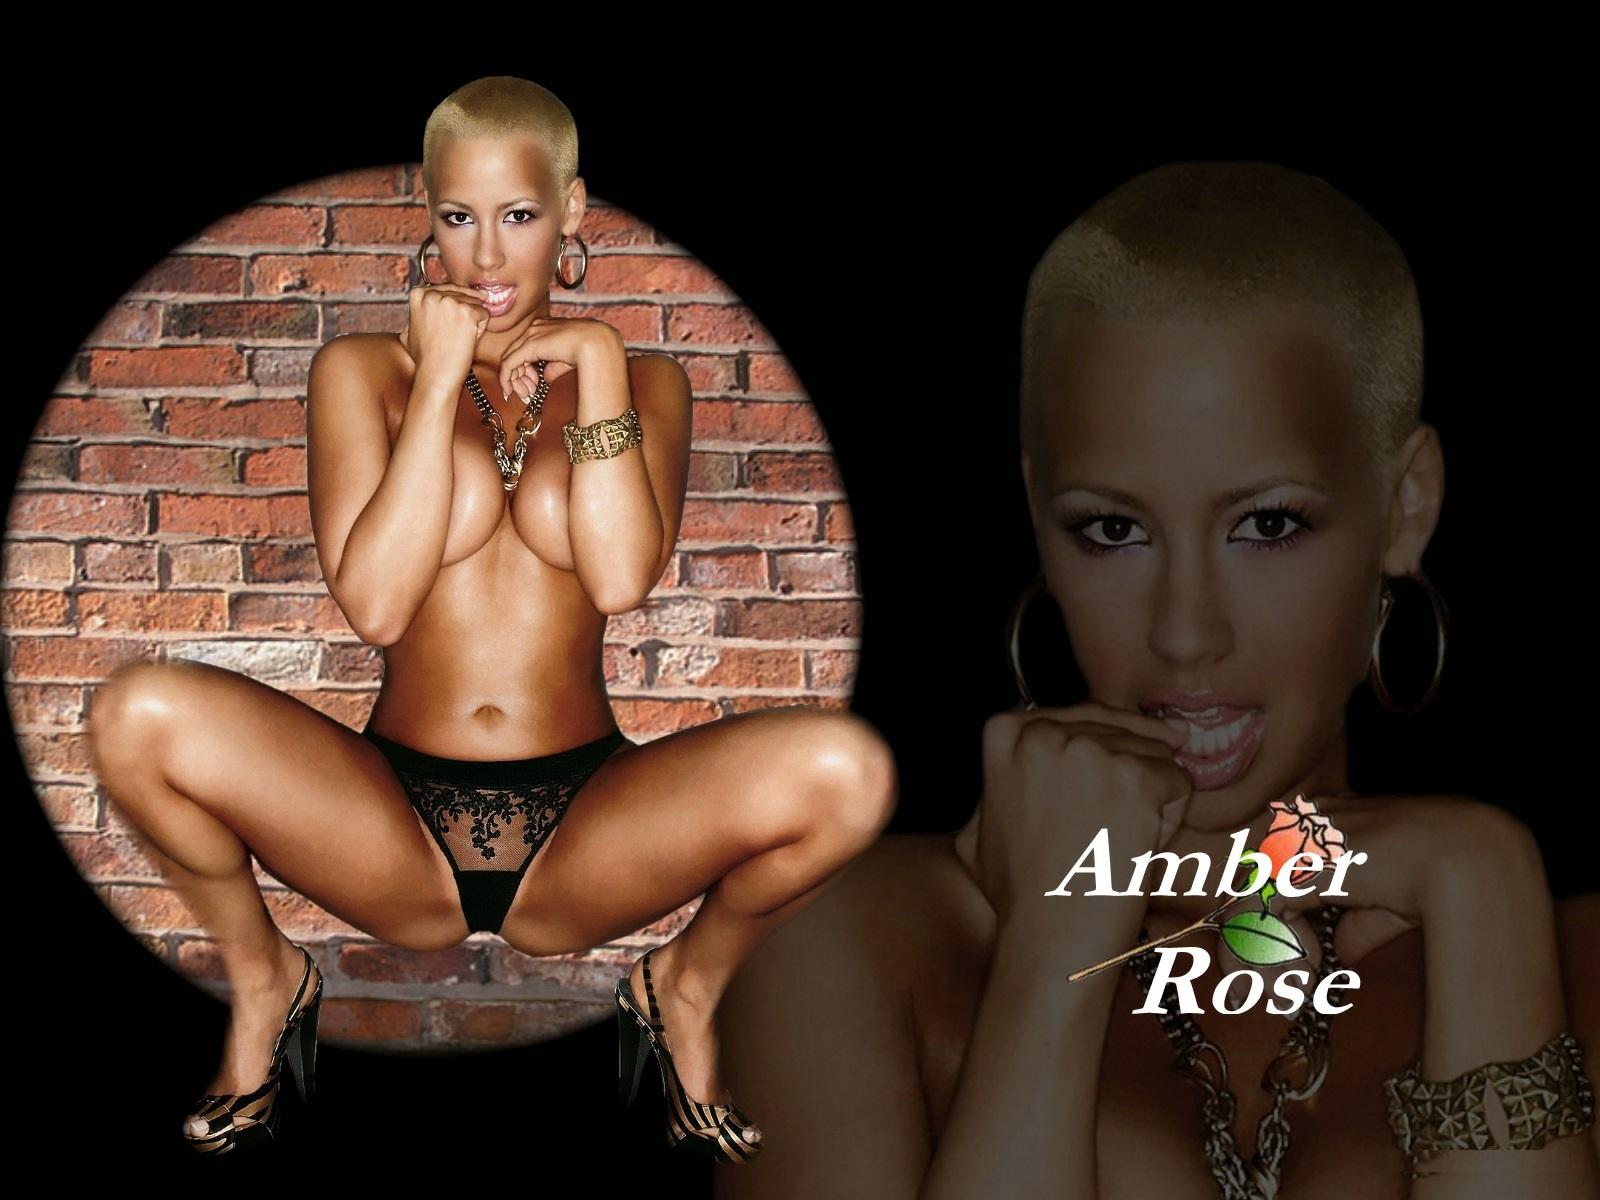 Amber Rose Desktop Hot wallpapers & pics